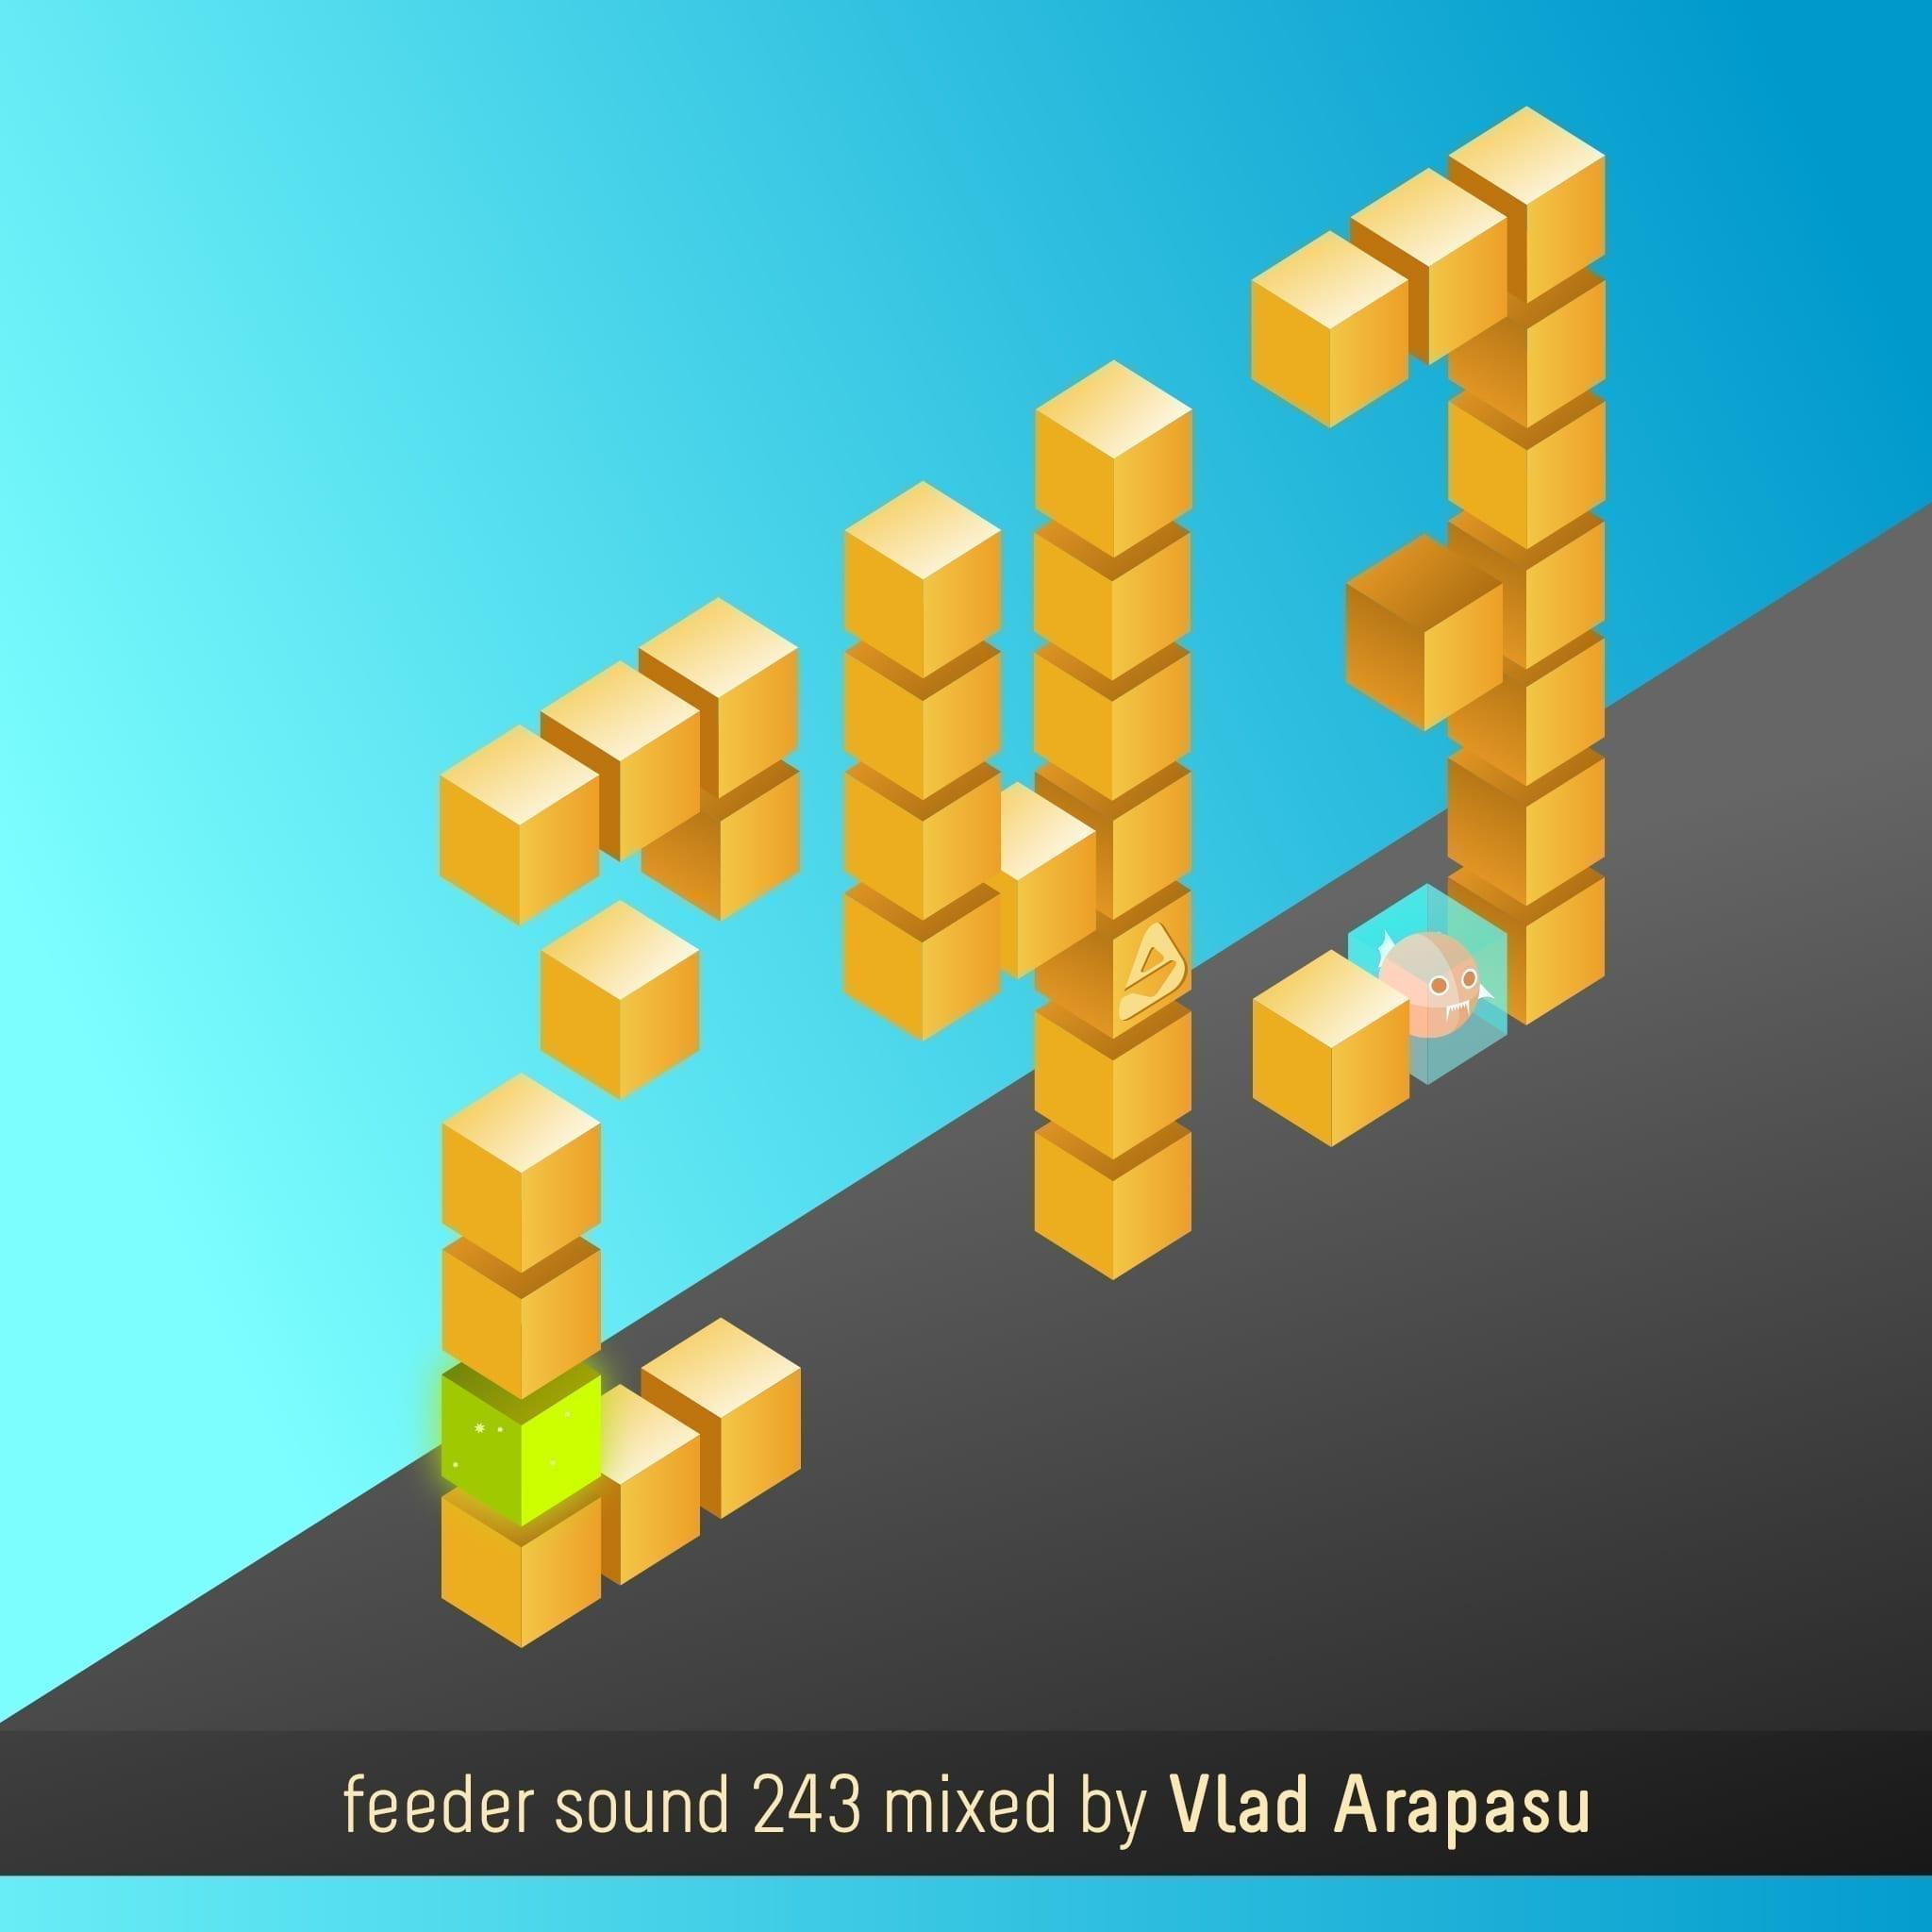 feeder sound 243 mixed by Vlad Arapasu 01